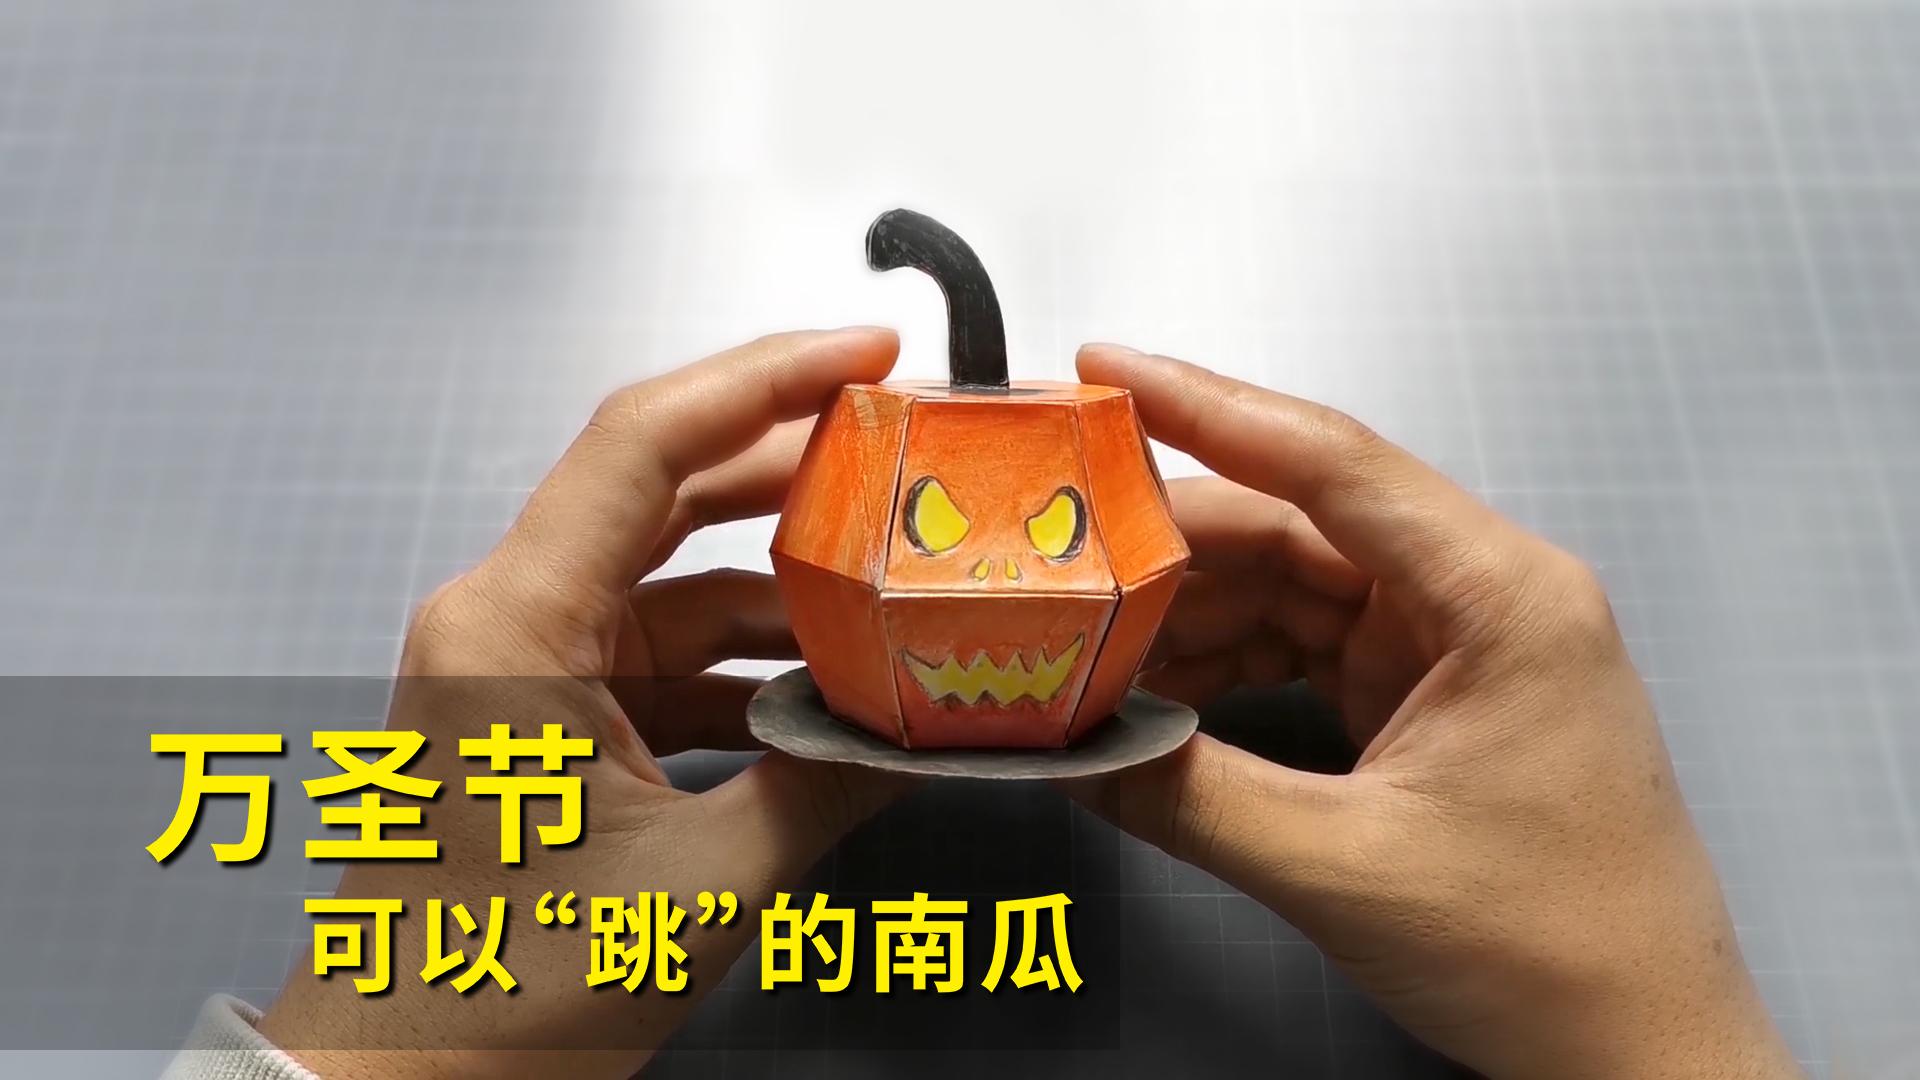 万圣节玩具:一个会跳的小南瓜,好玩的根本停不下来